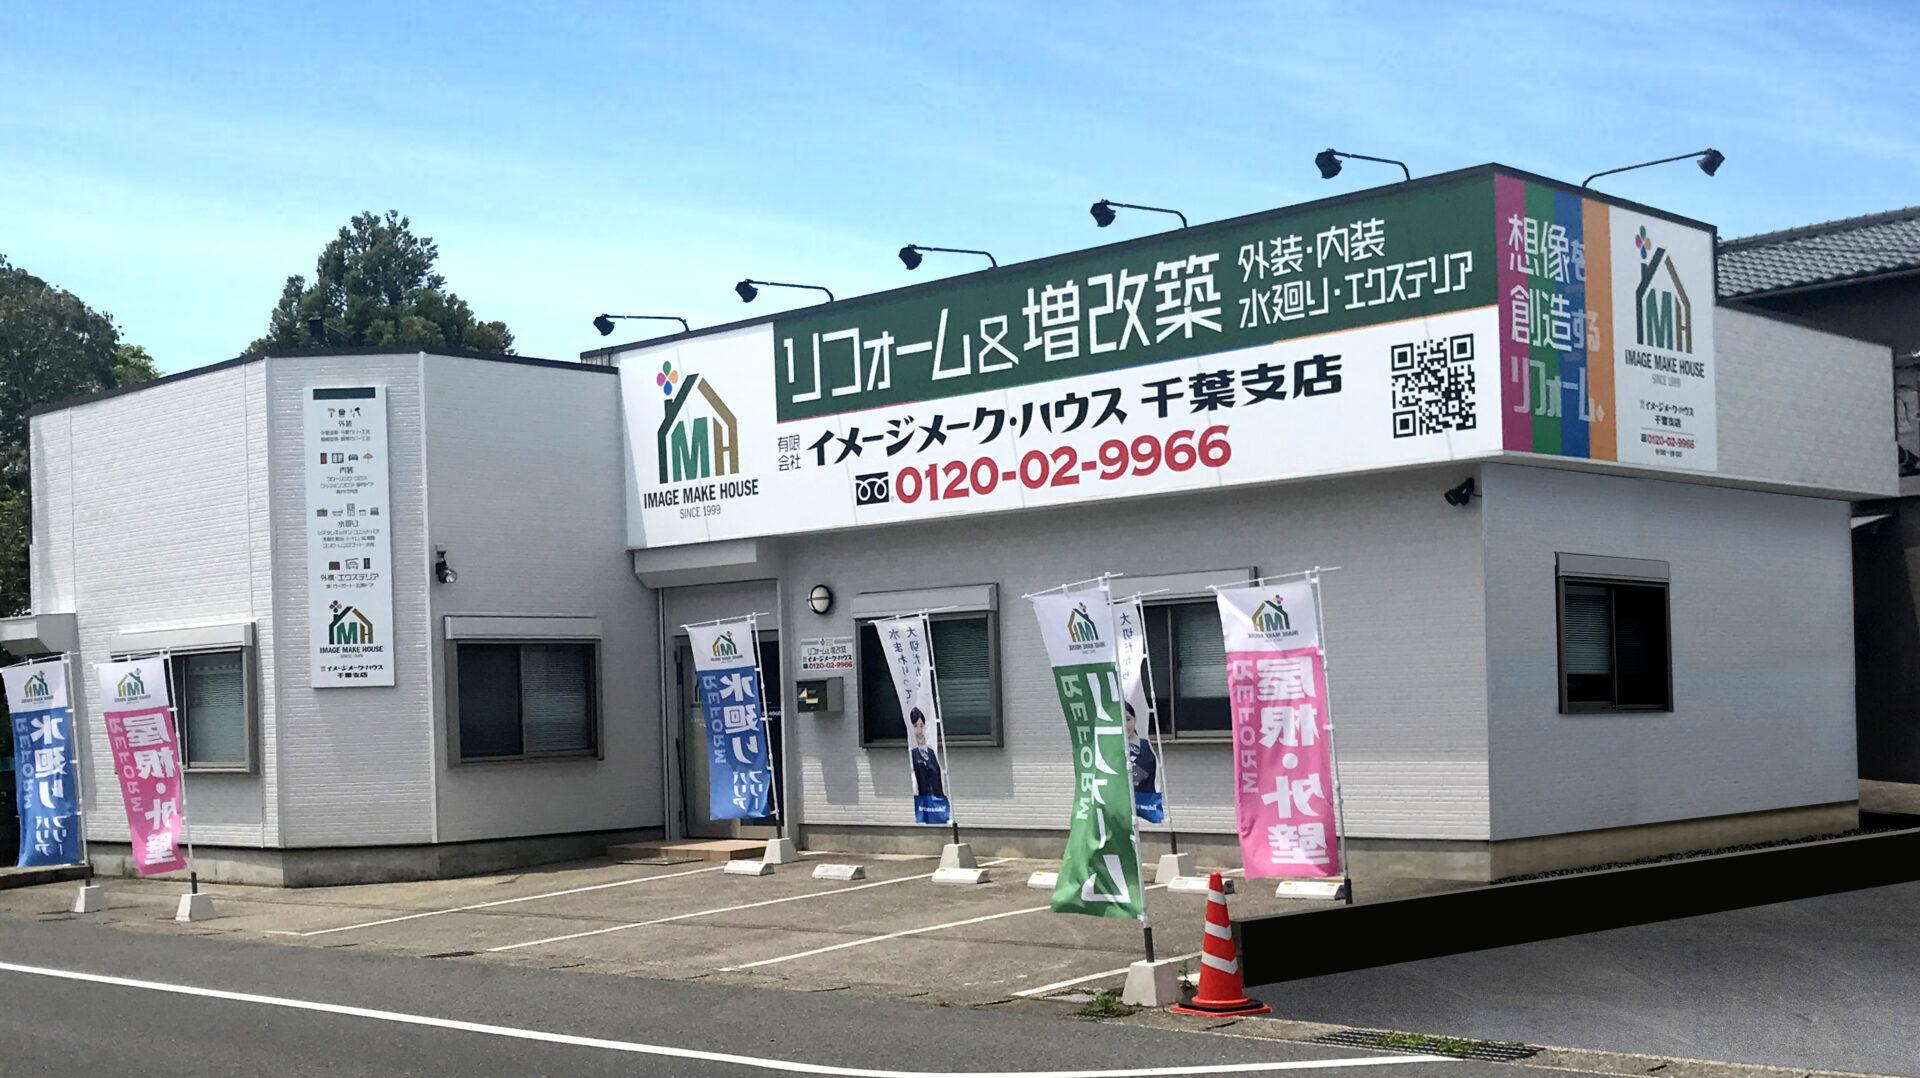 イメージメーク・ハウス千葉支店 外観写真